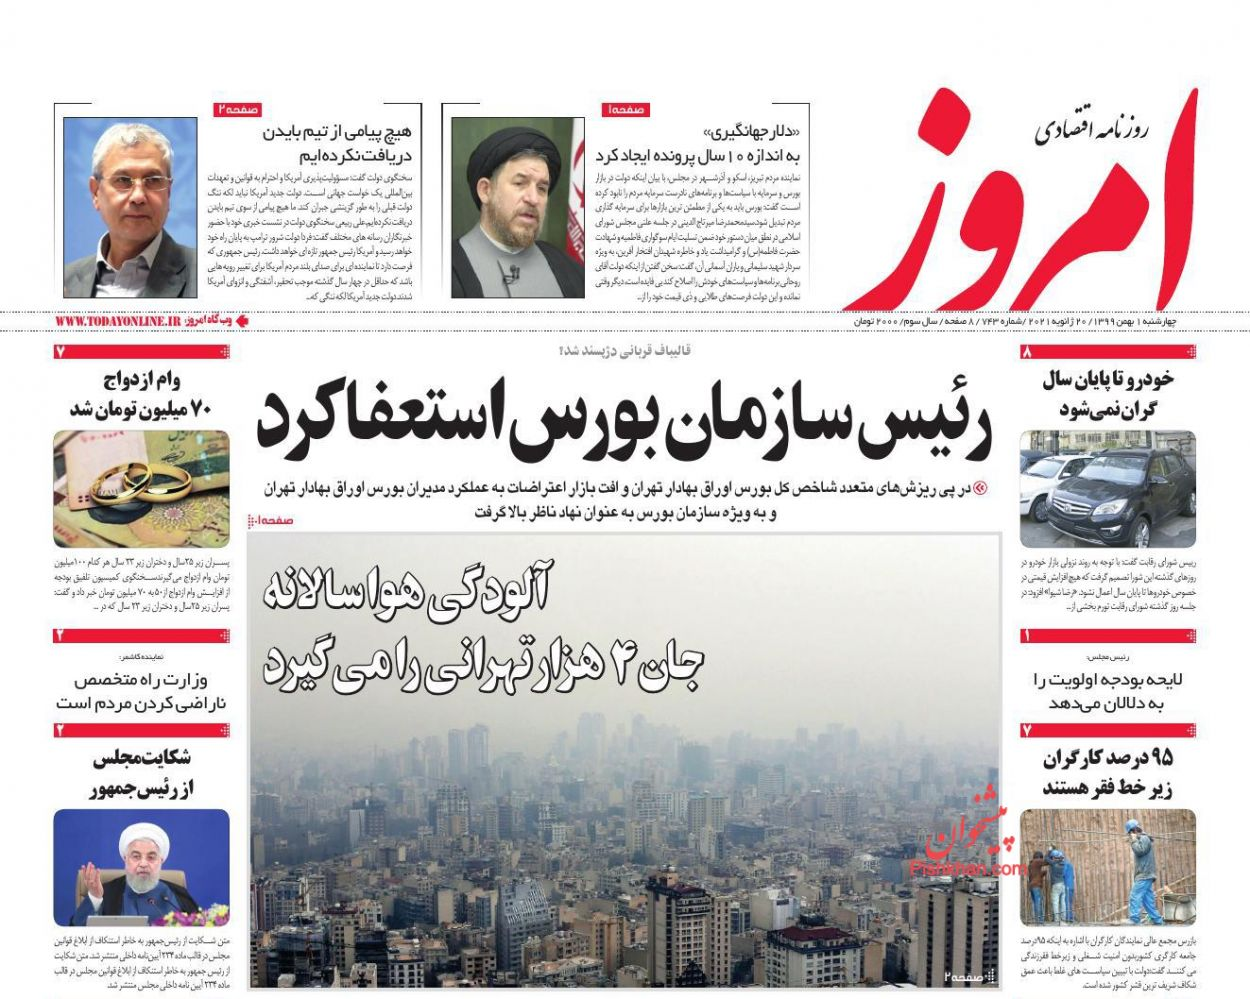 عناوین اخبار روزنامه امروز در روز چهارشنبه ۱ بهمن